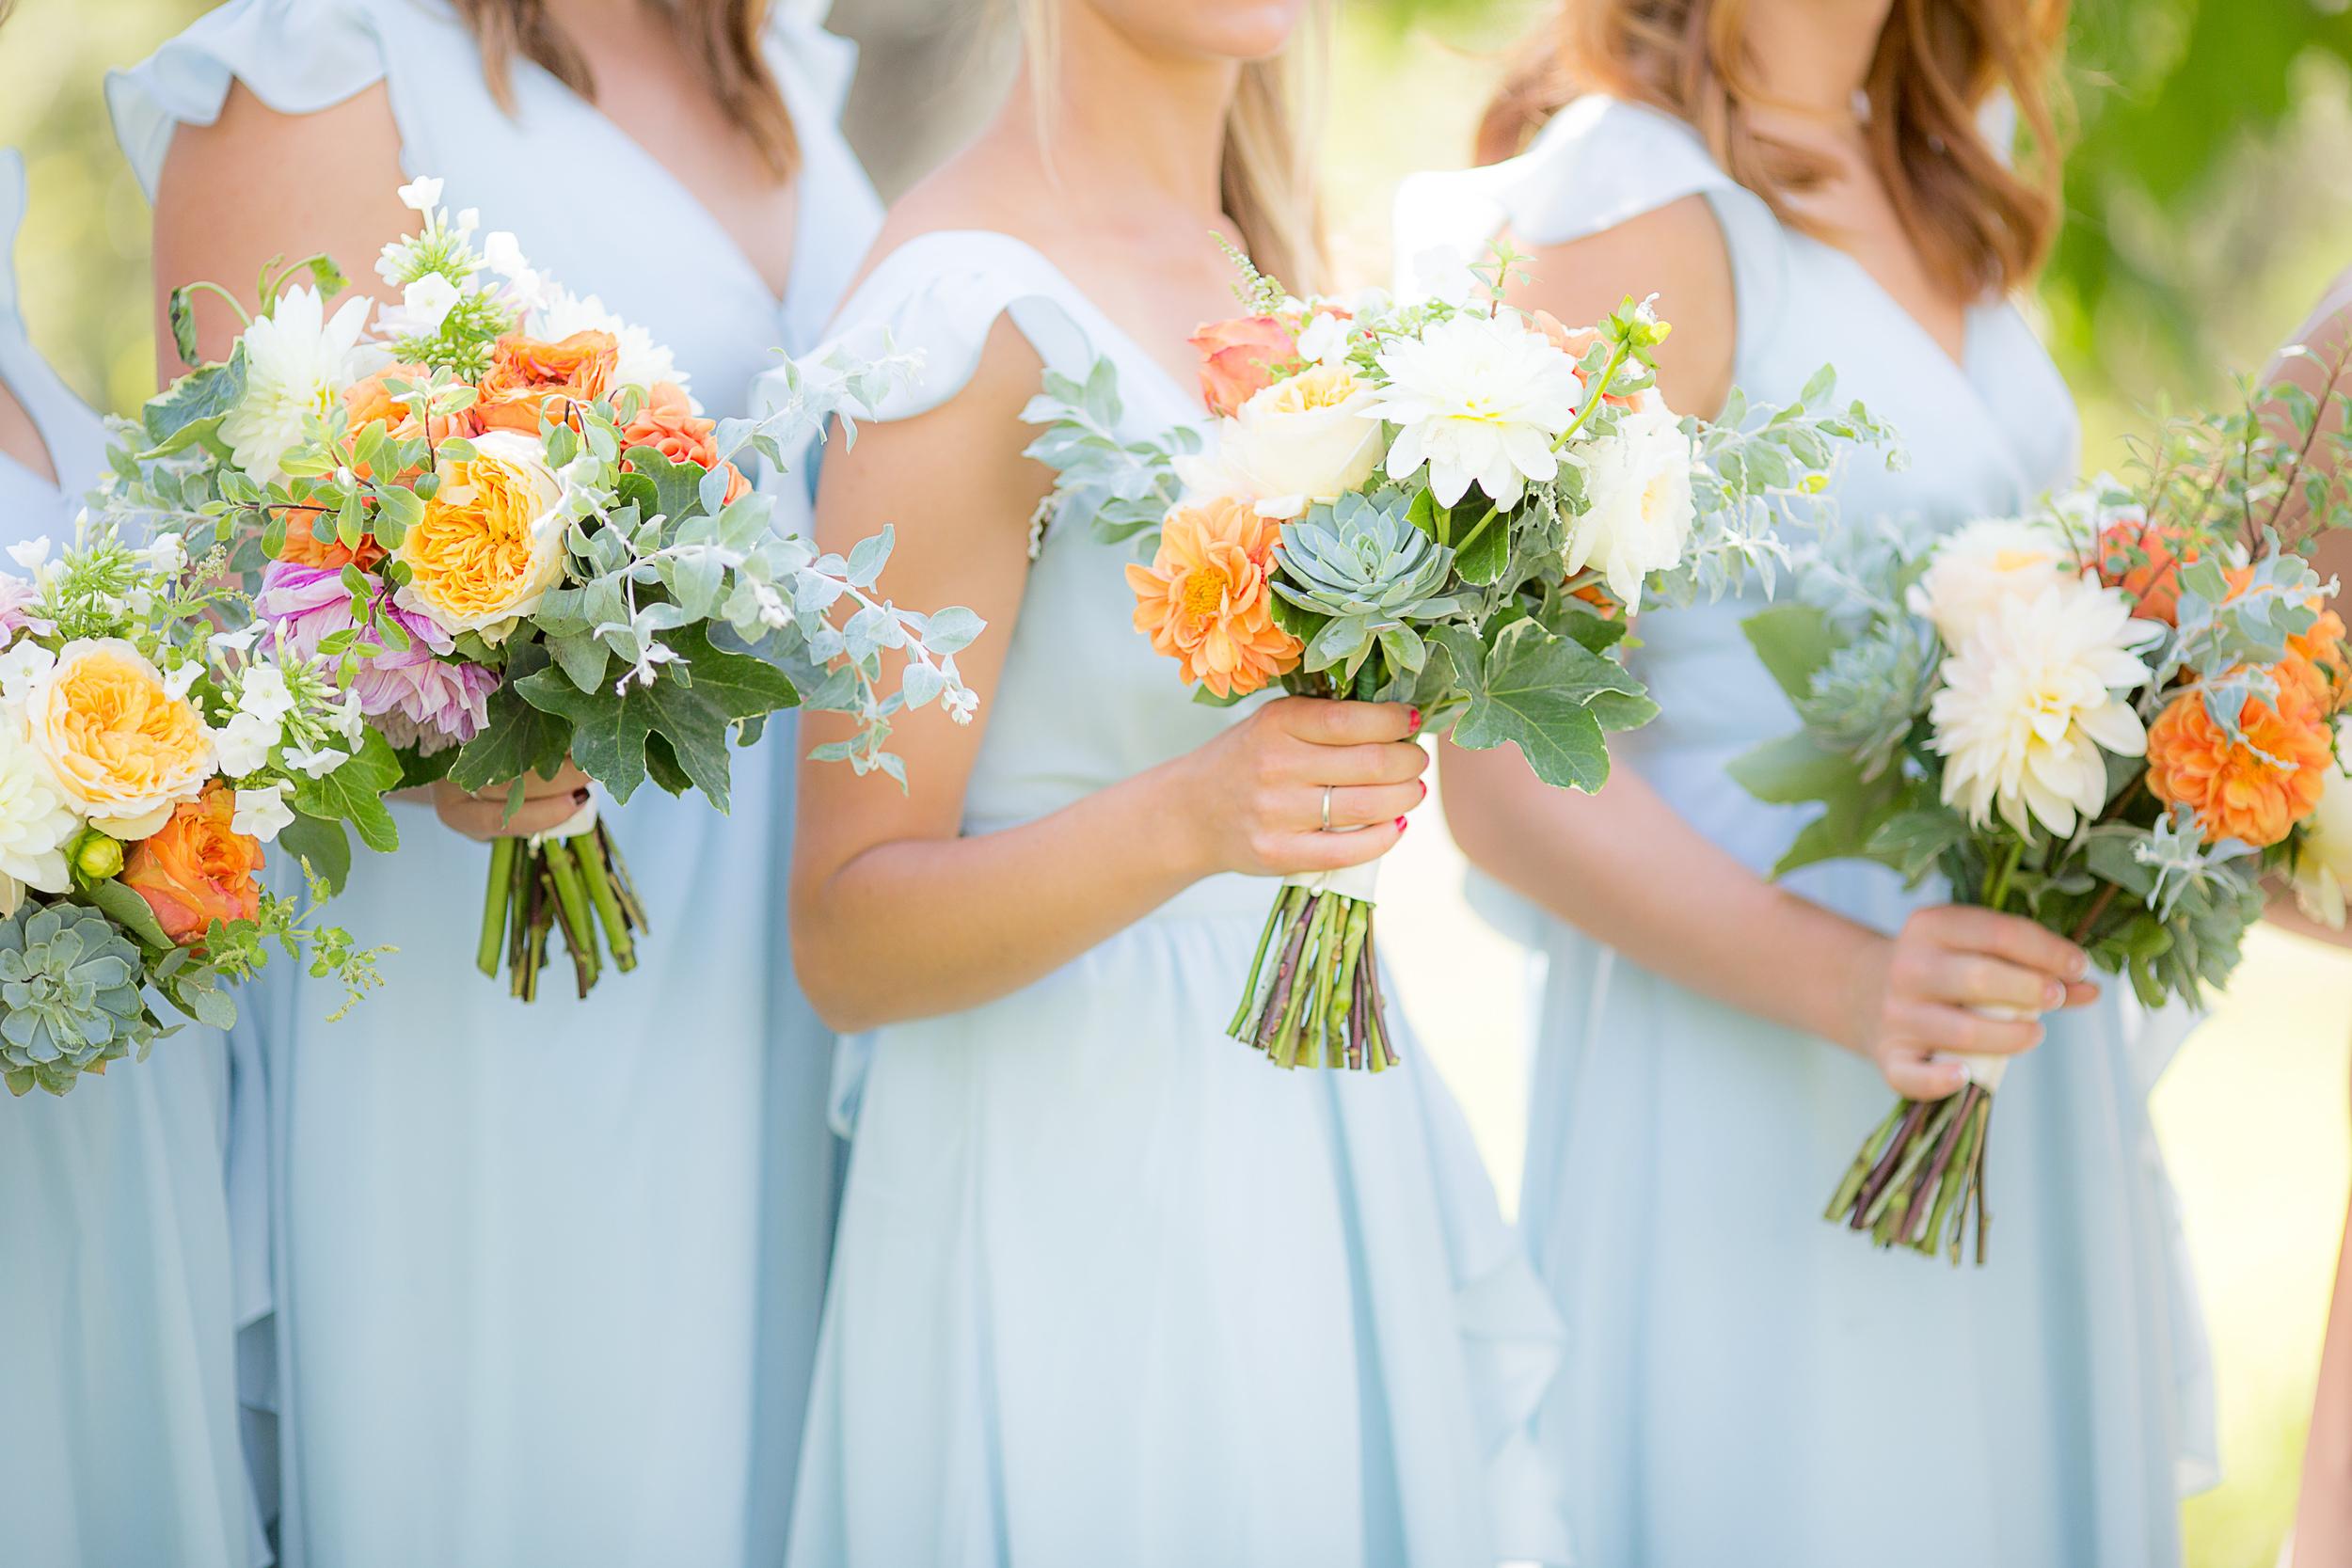 Bridal Bouquets, Wedding Floral Arrangement   www.cloveandkin.com